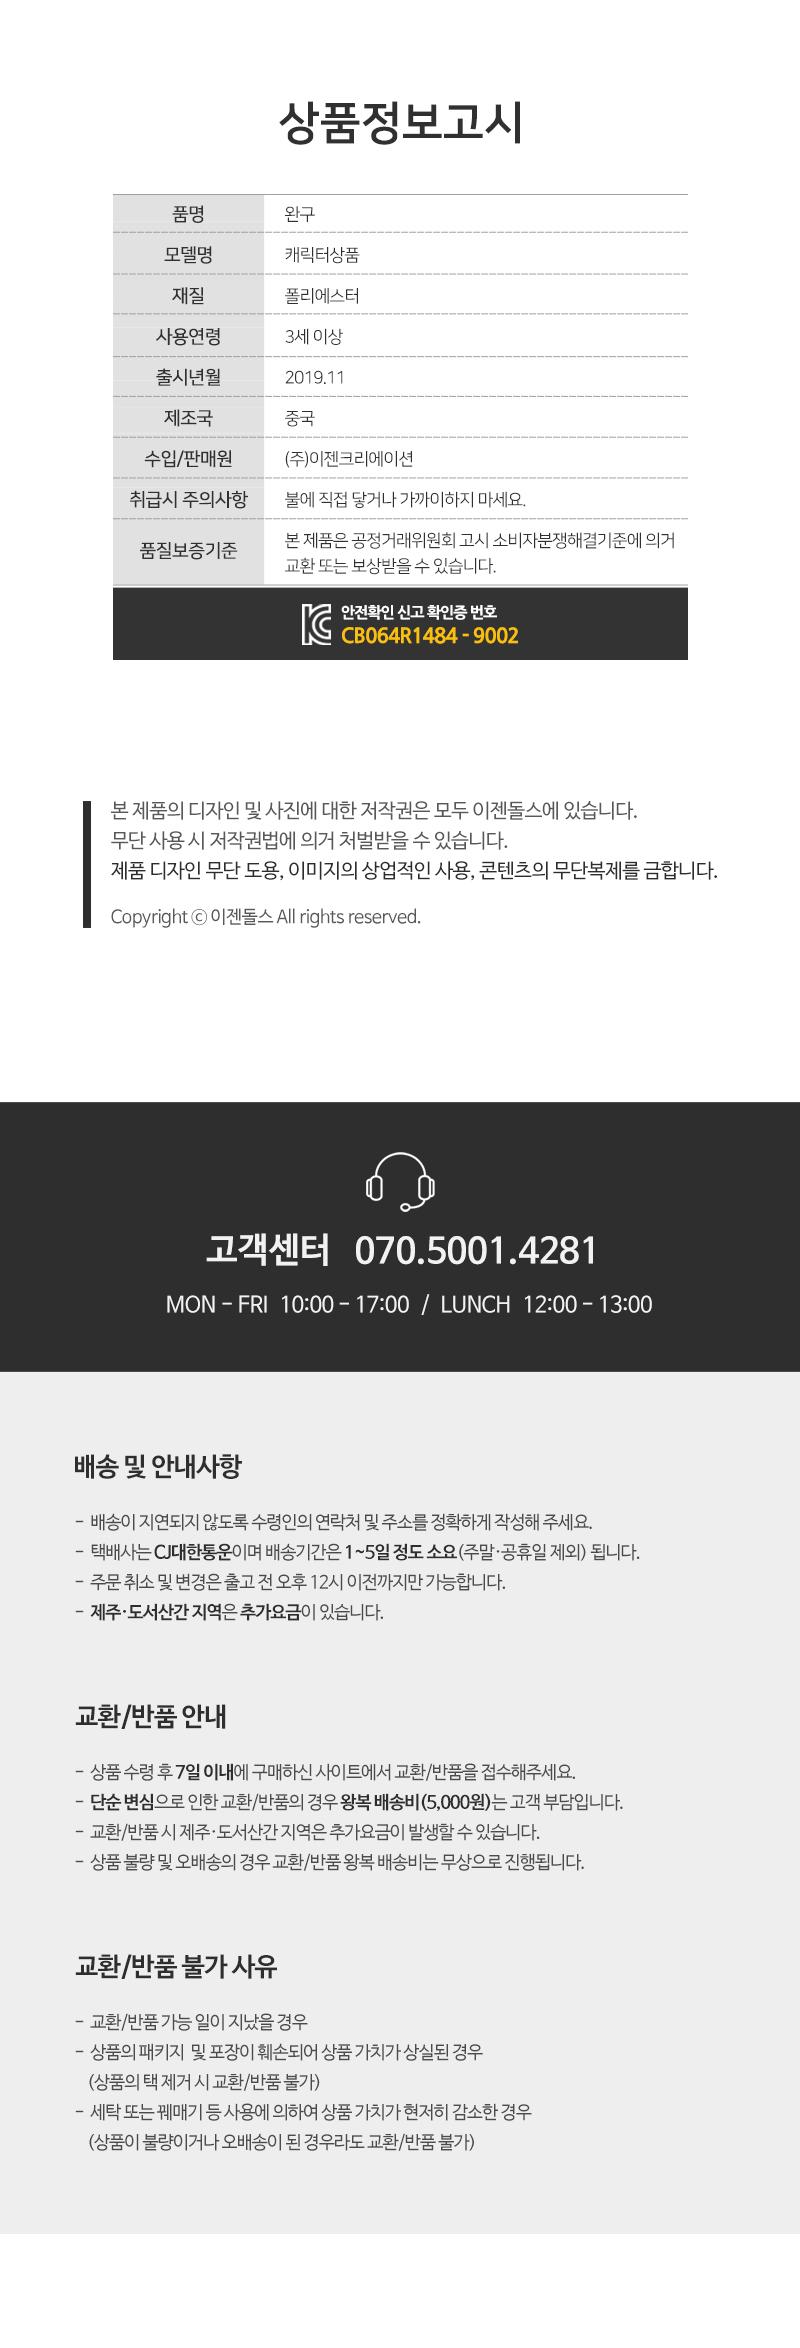 심슨가족 호머 심슨 43CM 봉제인형 - (주) 이젠크리에이션, 28,000원, 캐릭터인형, 기타 캐릭터 인형